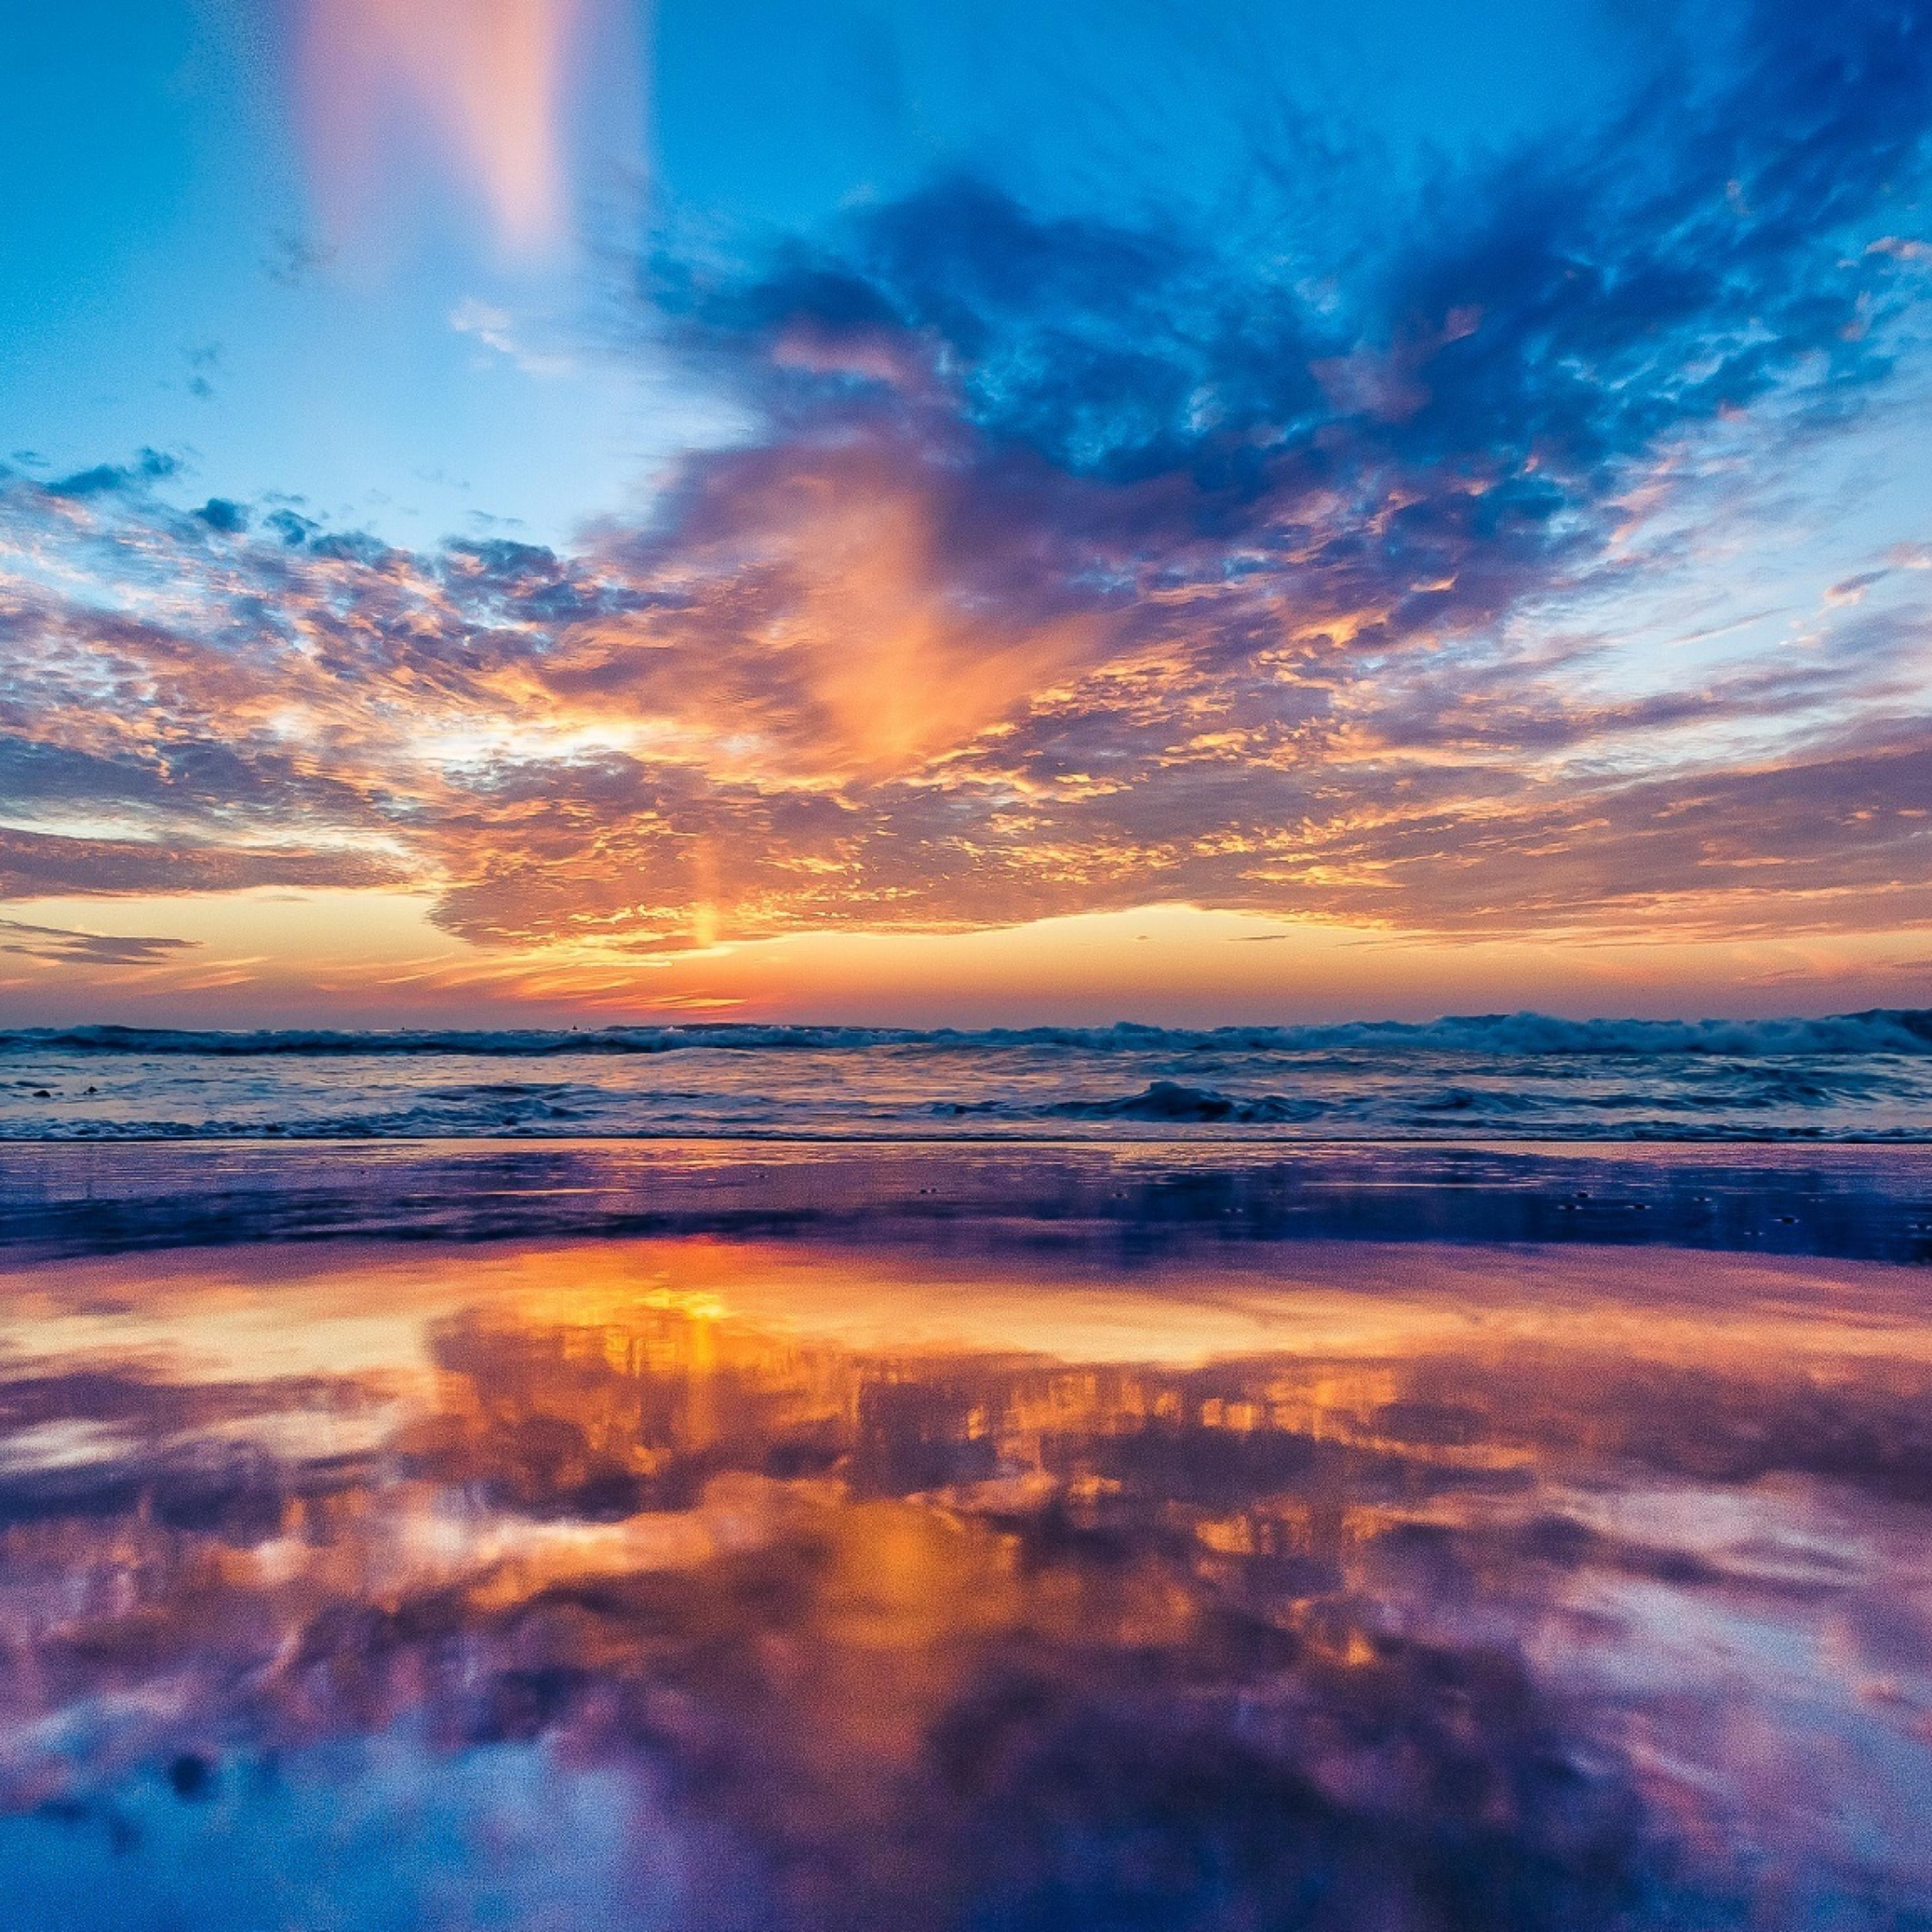 2932x2932 Ocean Sky Sunset Beach Ipad Pro Retina Display